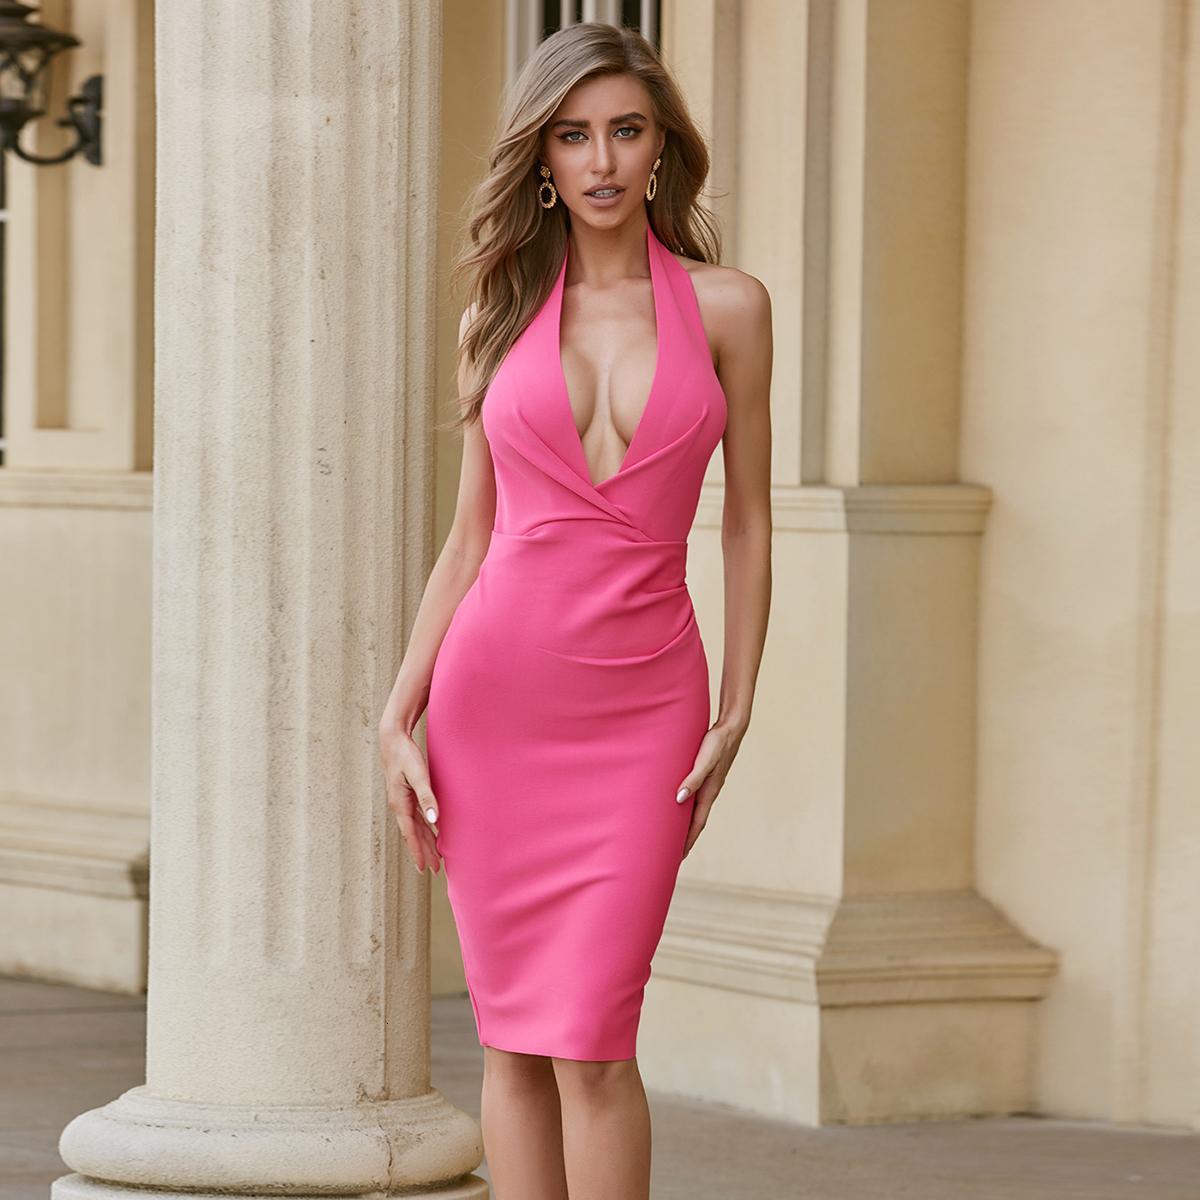 2021 Новый Bodycon Летняя повязка Sexy Backbloe Halter Драпированные Горячие розовые Женщины Мода Элегантная Вечерняя вечеринка Vesido Zzi1